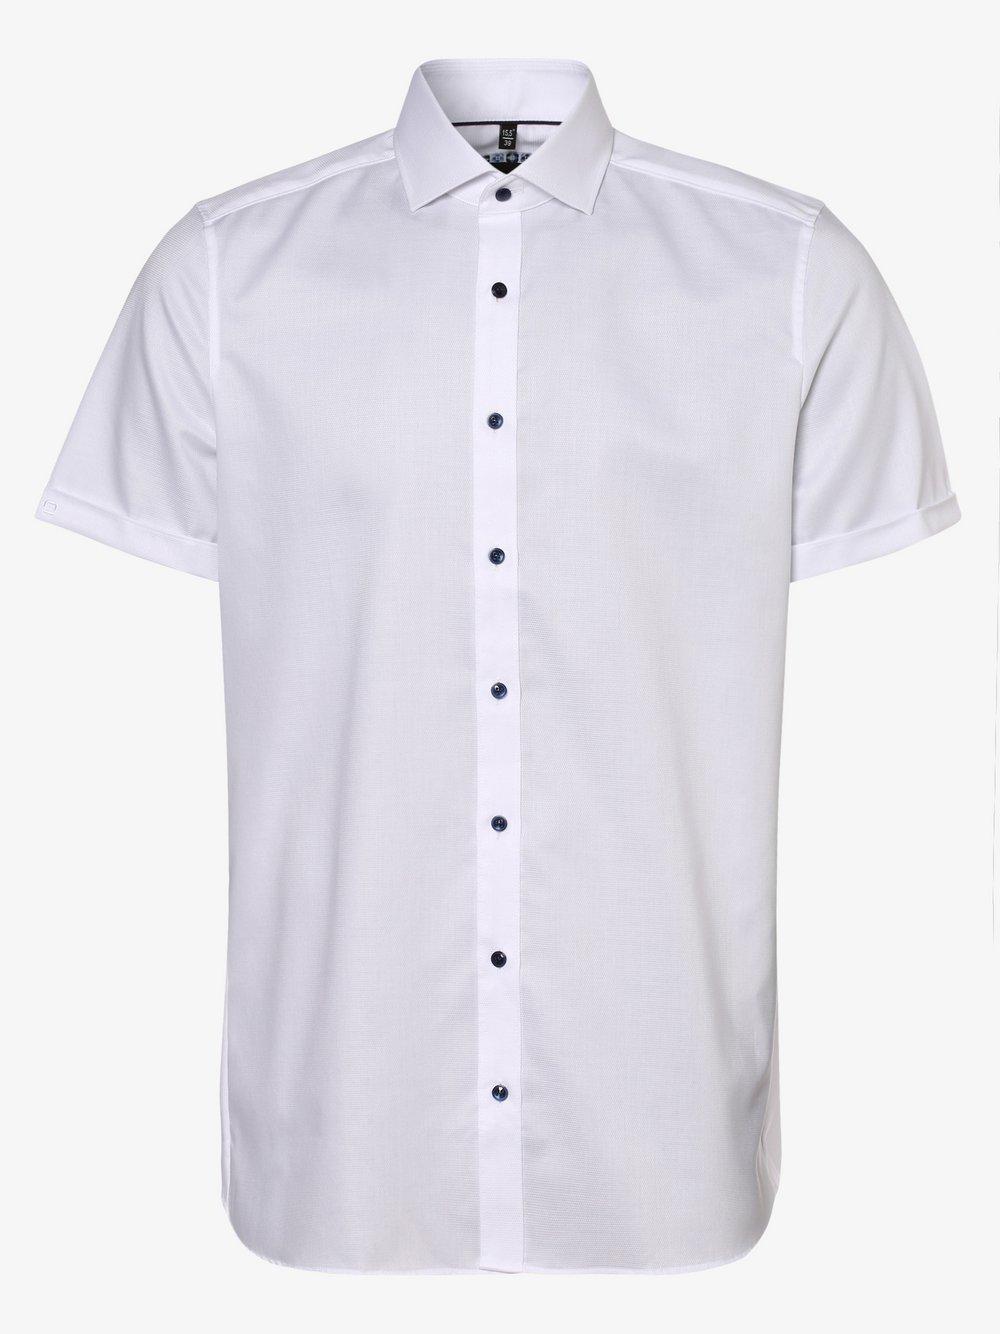 Olymp Level Five - Koszula męska łatwa w prasowaniu, biały